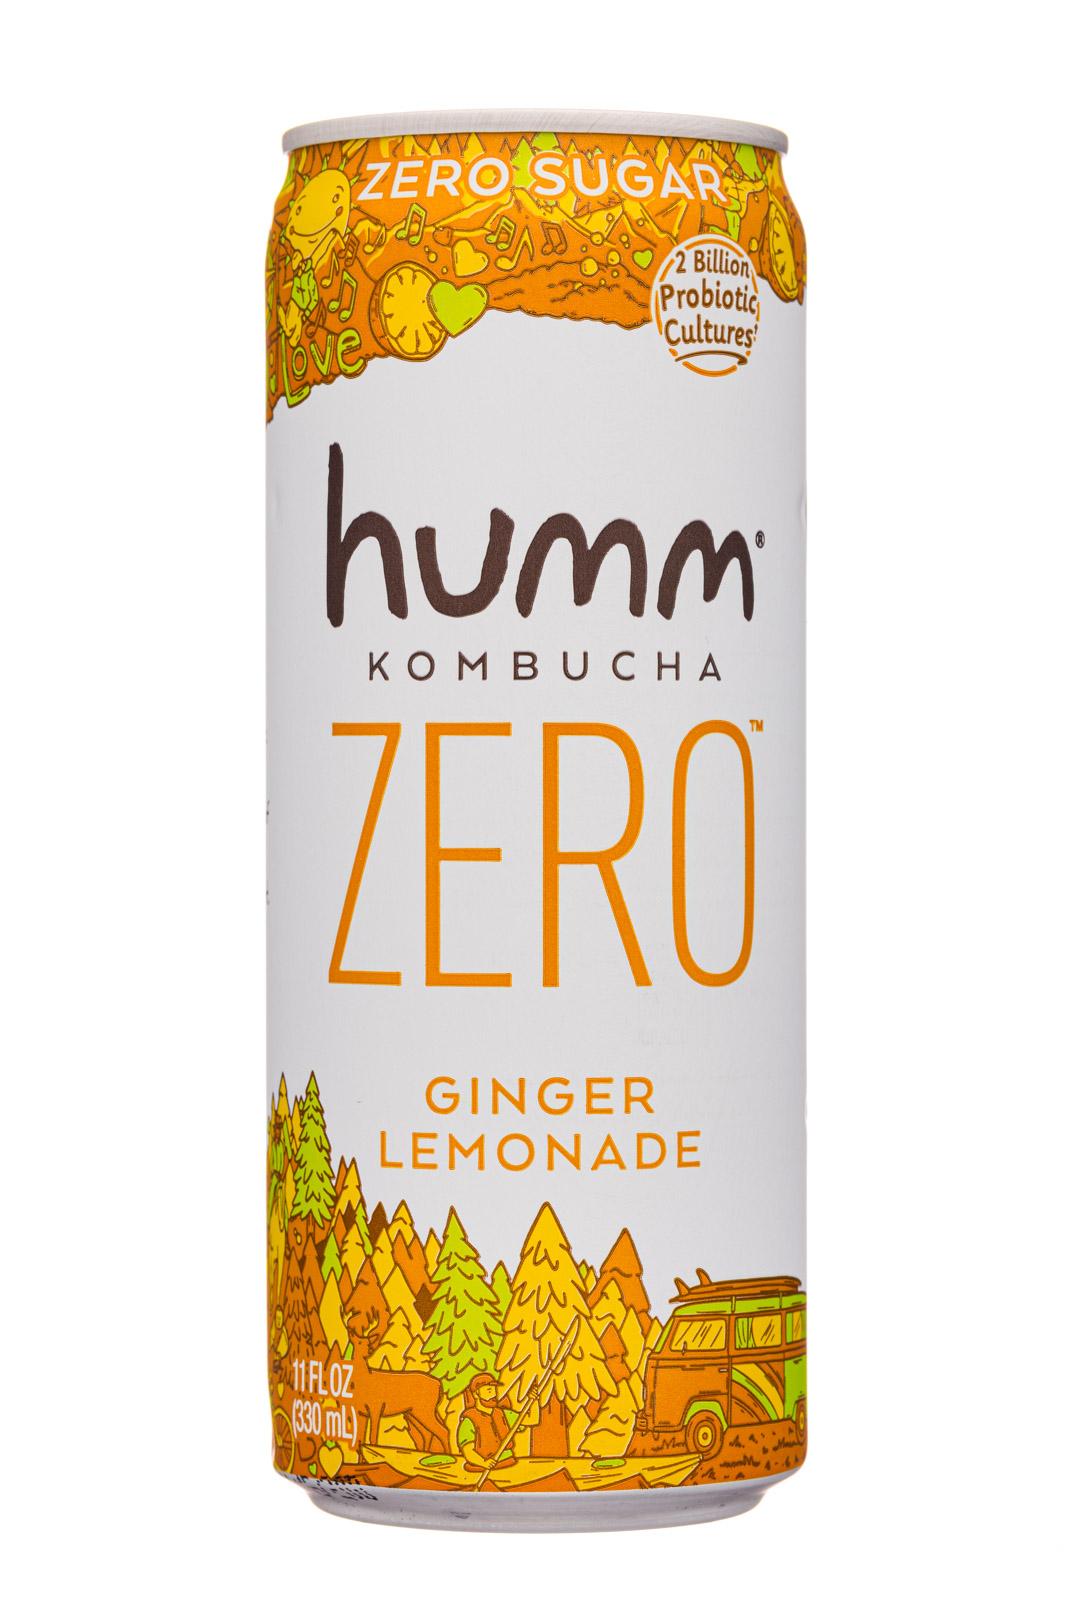 humm kombucha: Humm-11oz-2020-KombuchaZero-GingerLemonade-Front